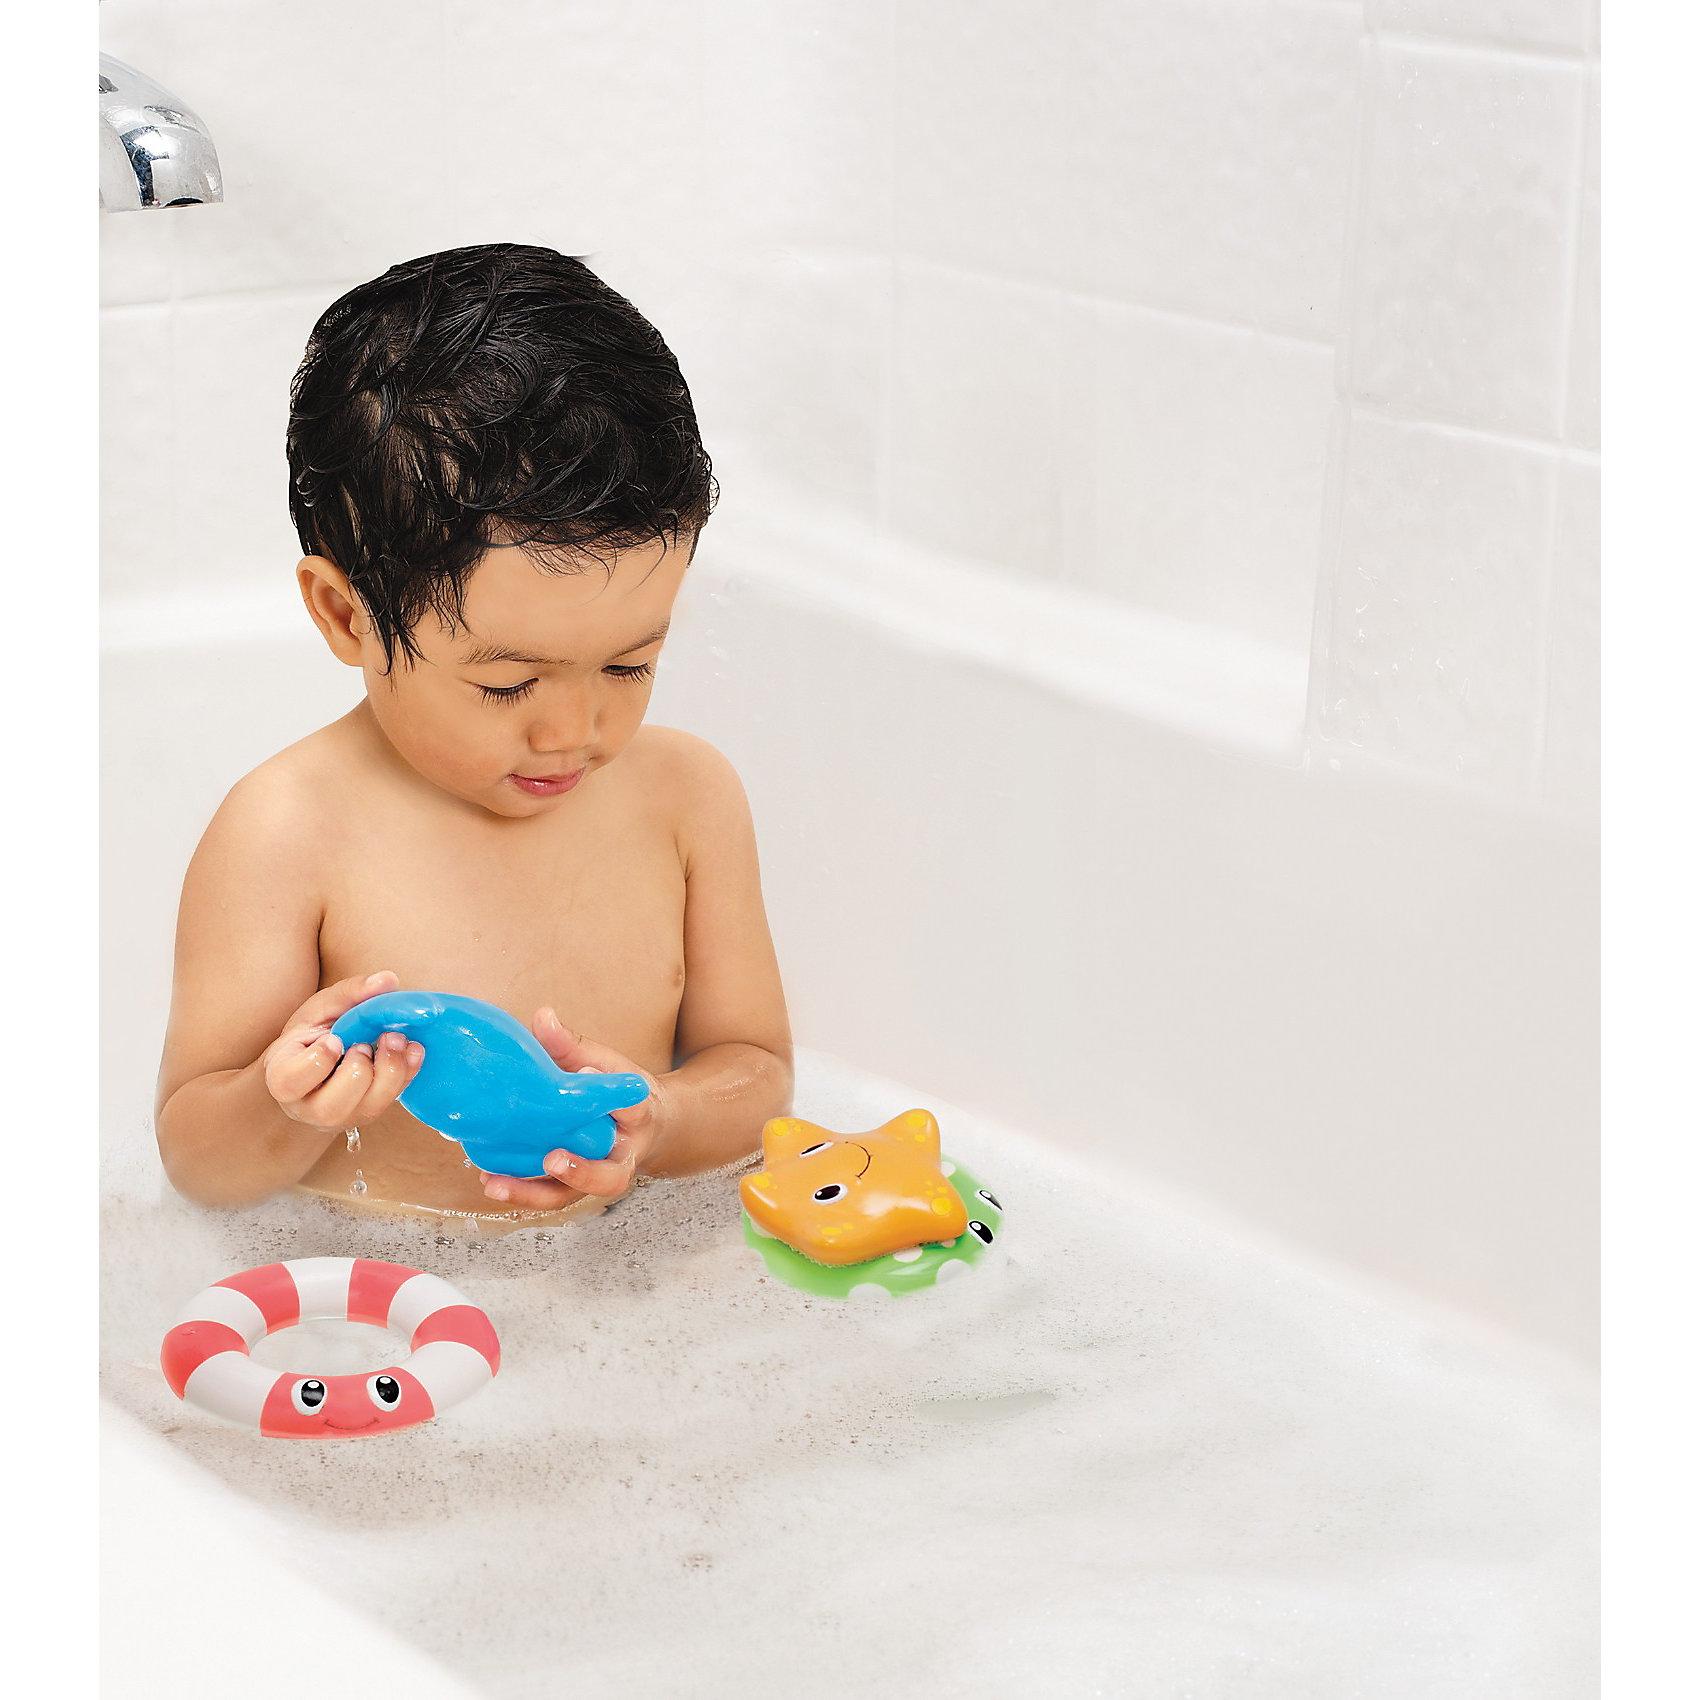 Игрушки для ванной Весёлые приятели со спасательными кругами от 6мес, Munchkin